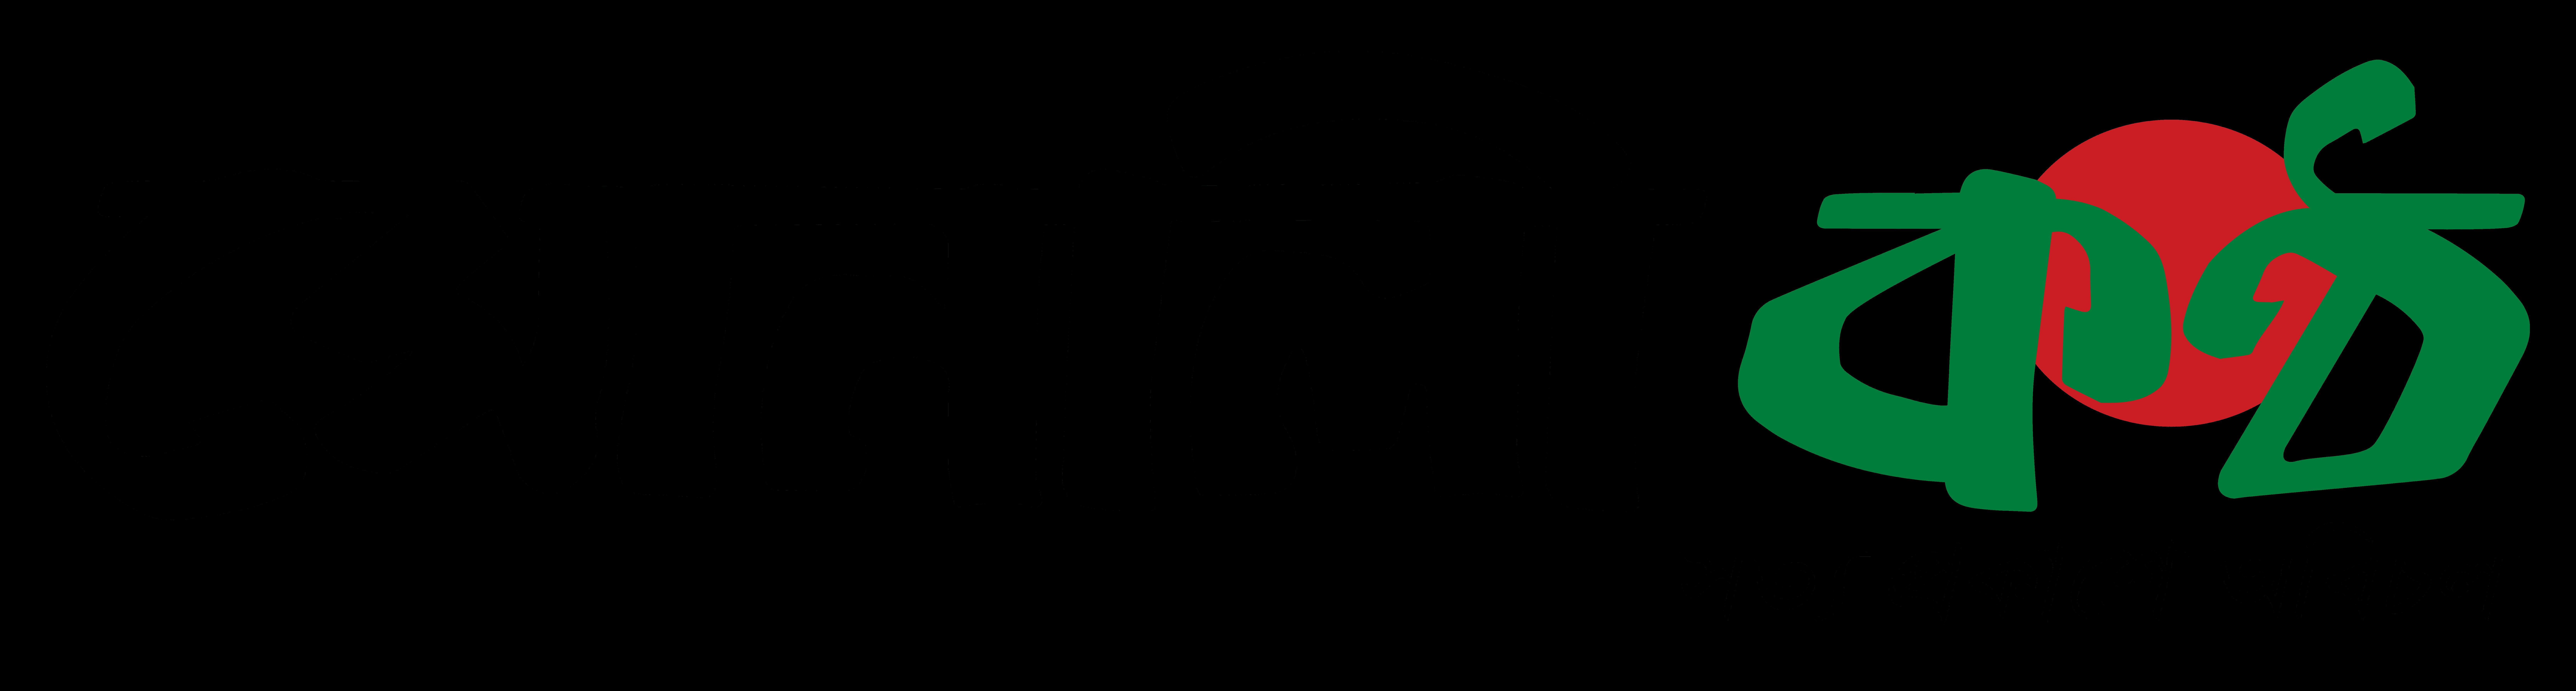 সোনালী কন্ঠ